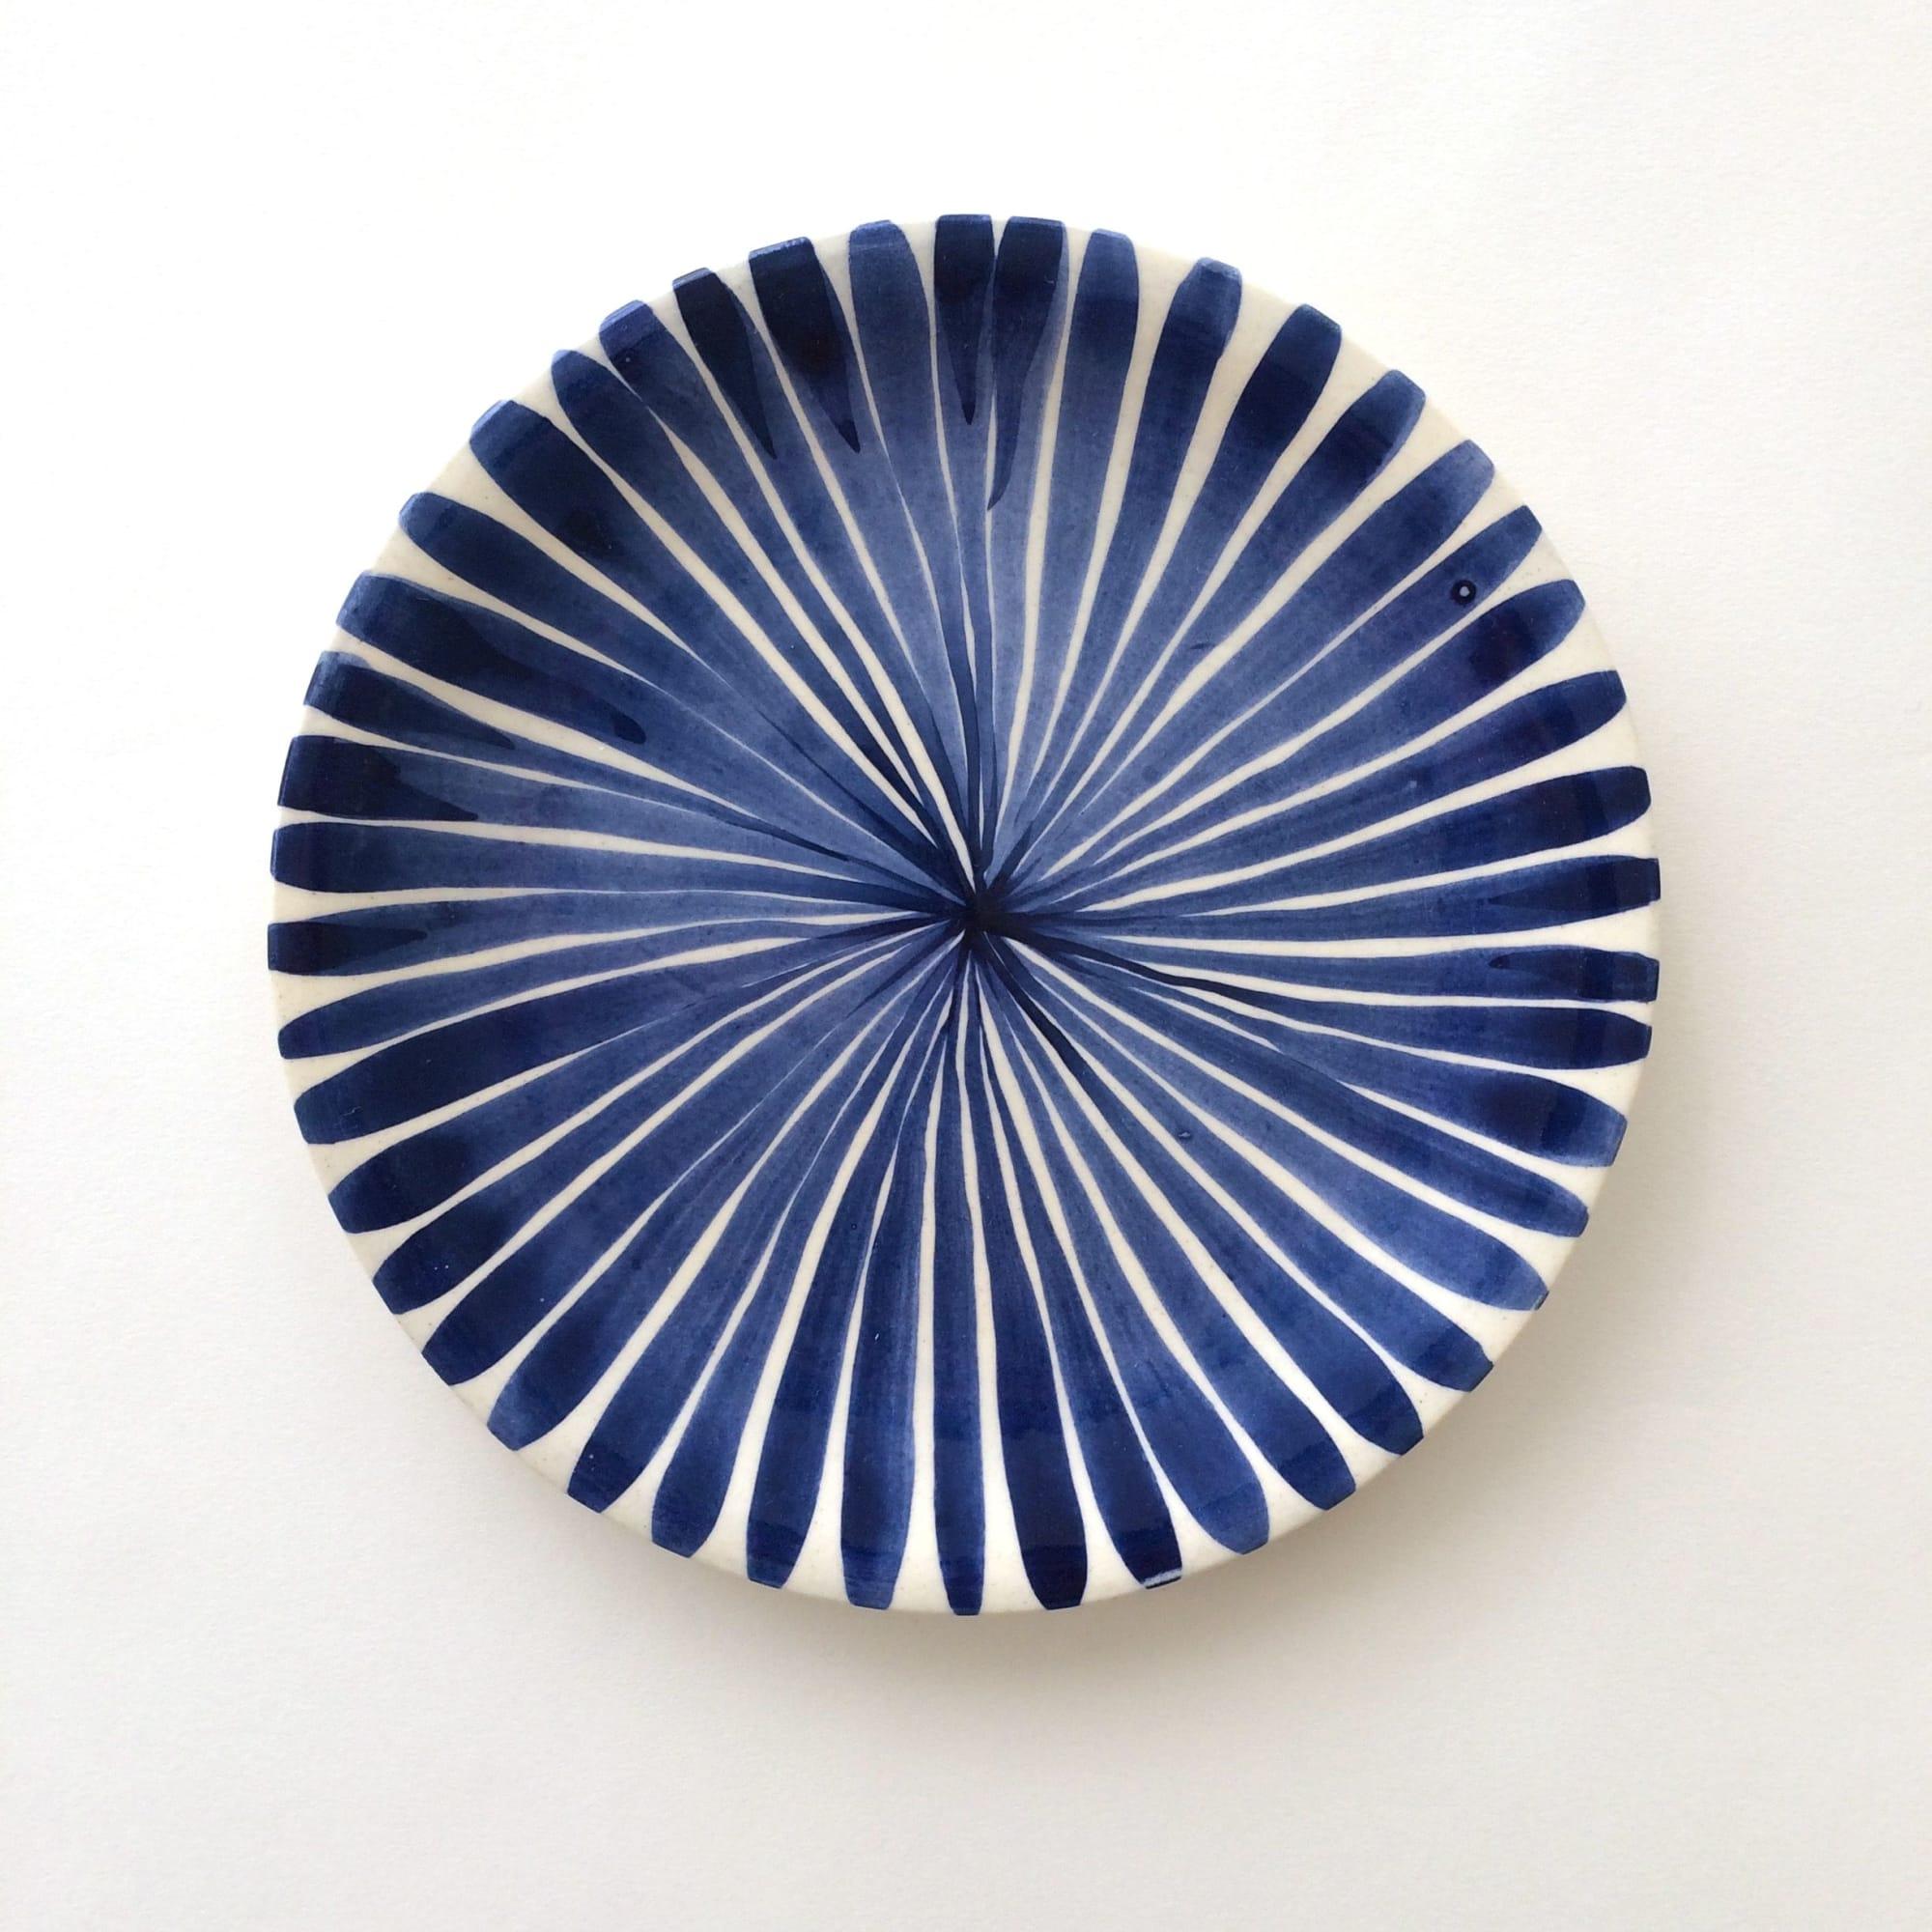 Ceramic Plates by Anastasia Tumanova seen at San Francisco, CA, San Francisco - Blue Reverie Plates